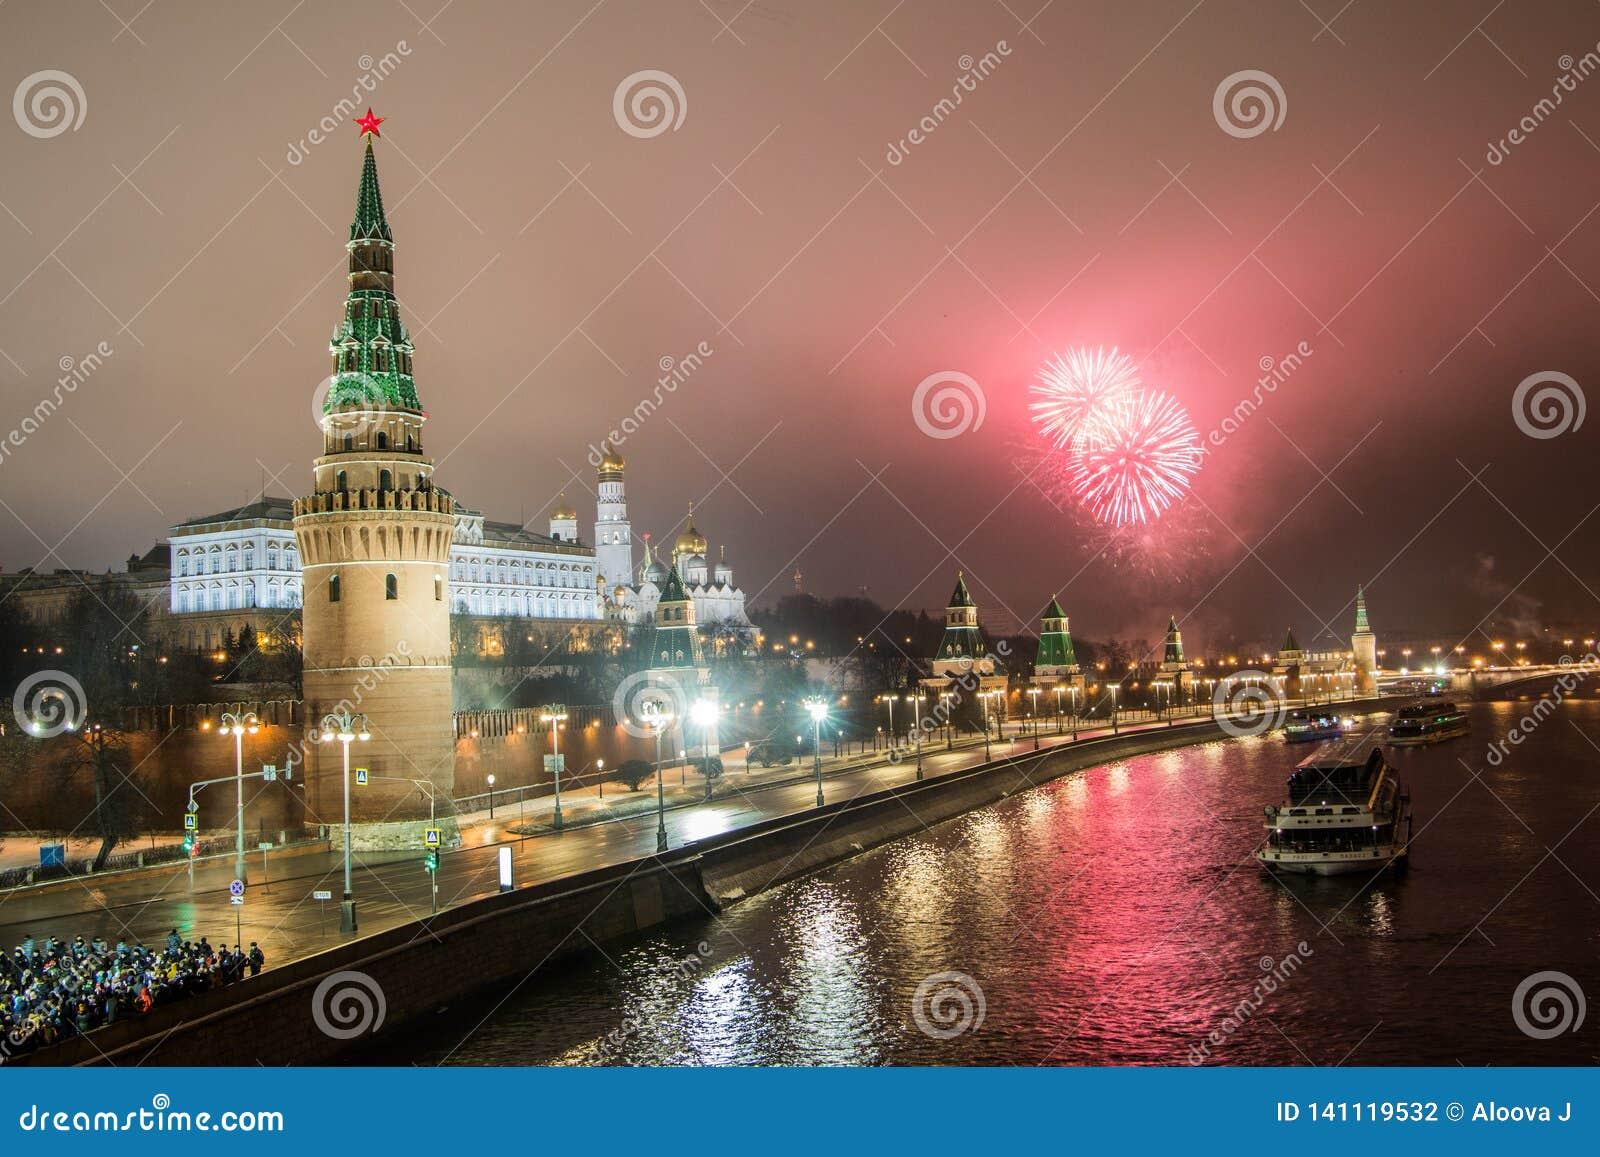 Nytt års fyrverkerier från den stora stenbron Nytt års fyrverkerier över Kreml, Moskva, Ryssland